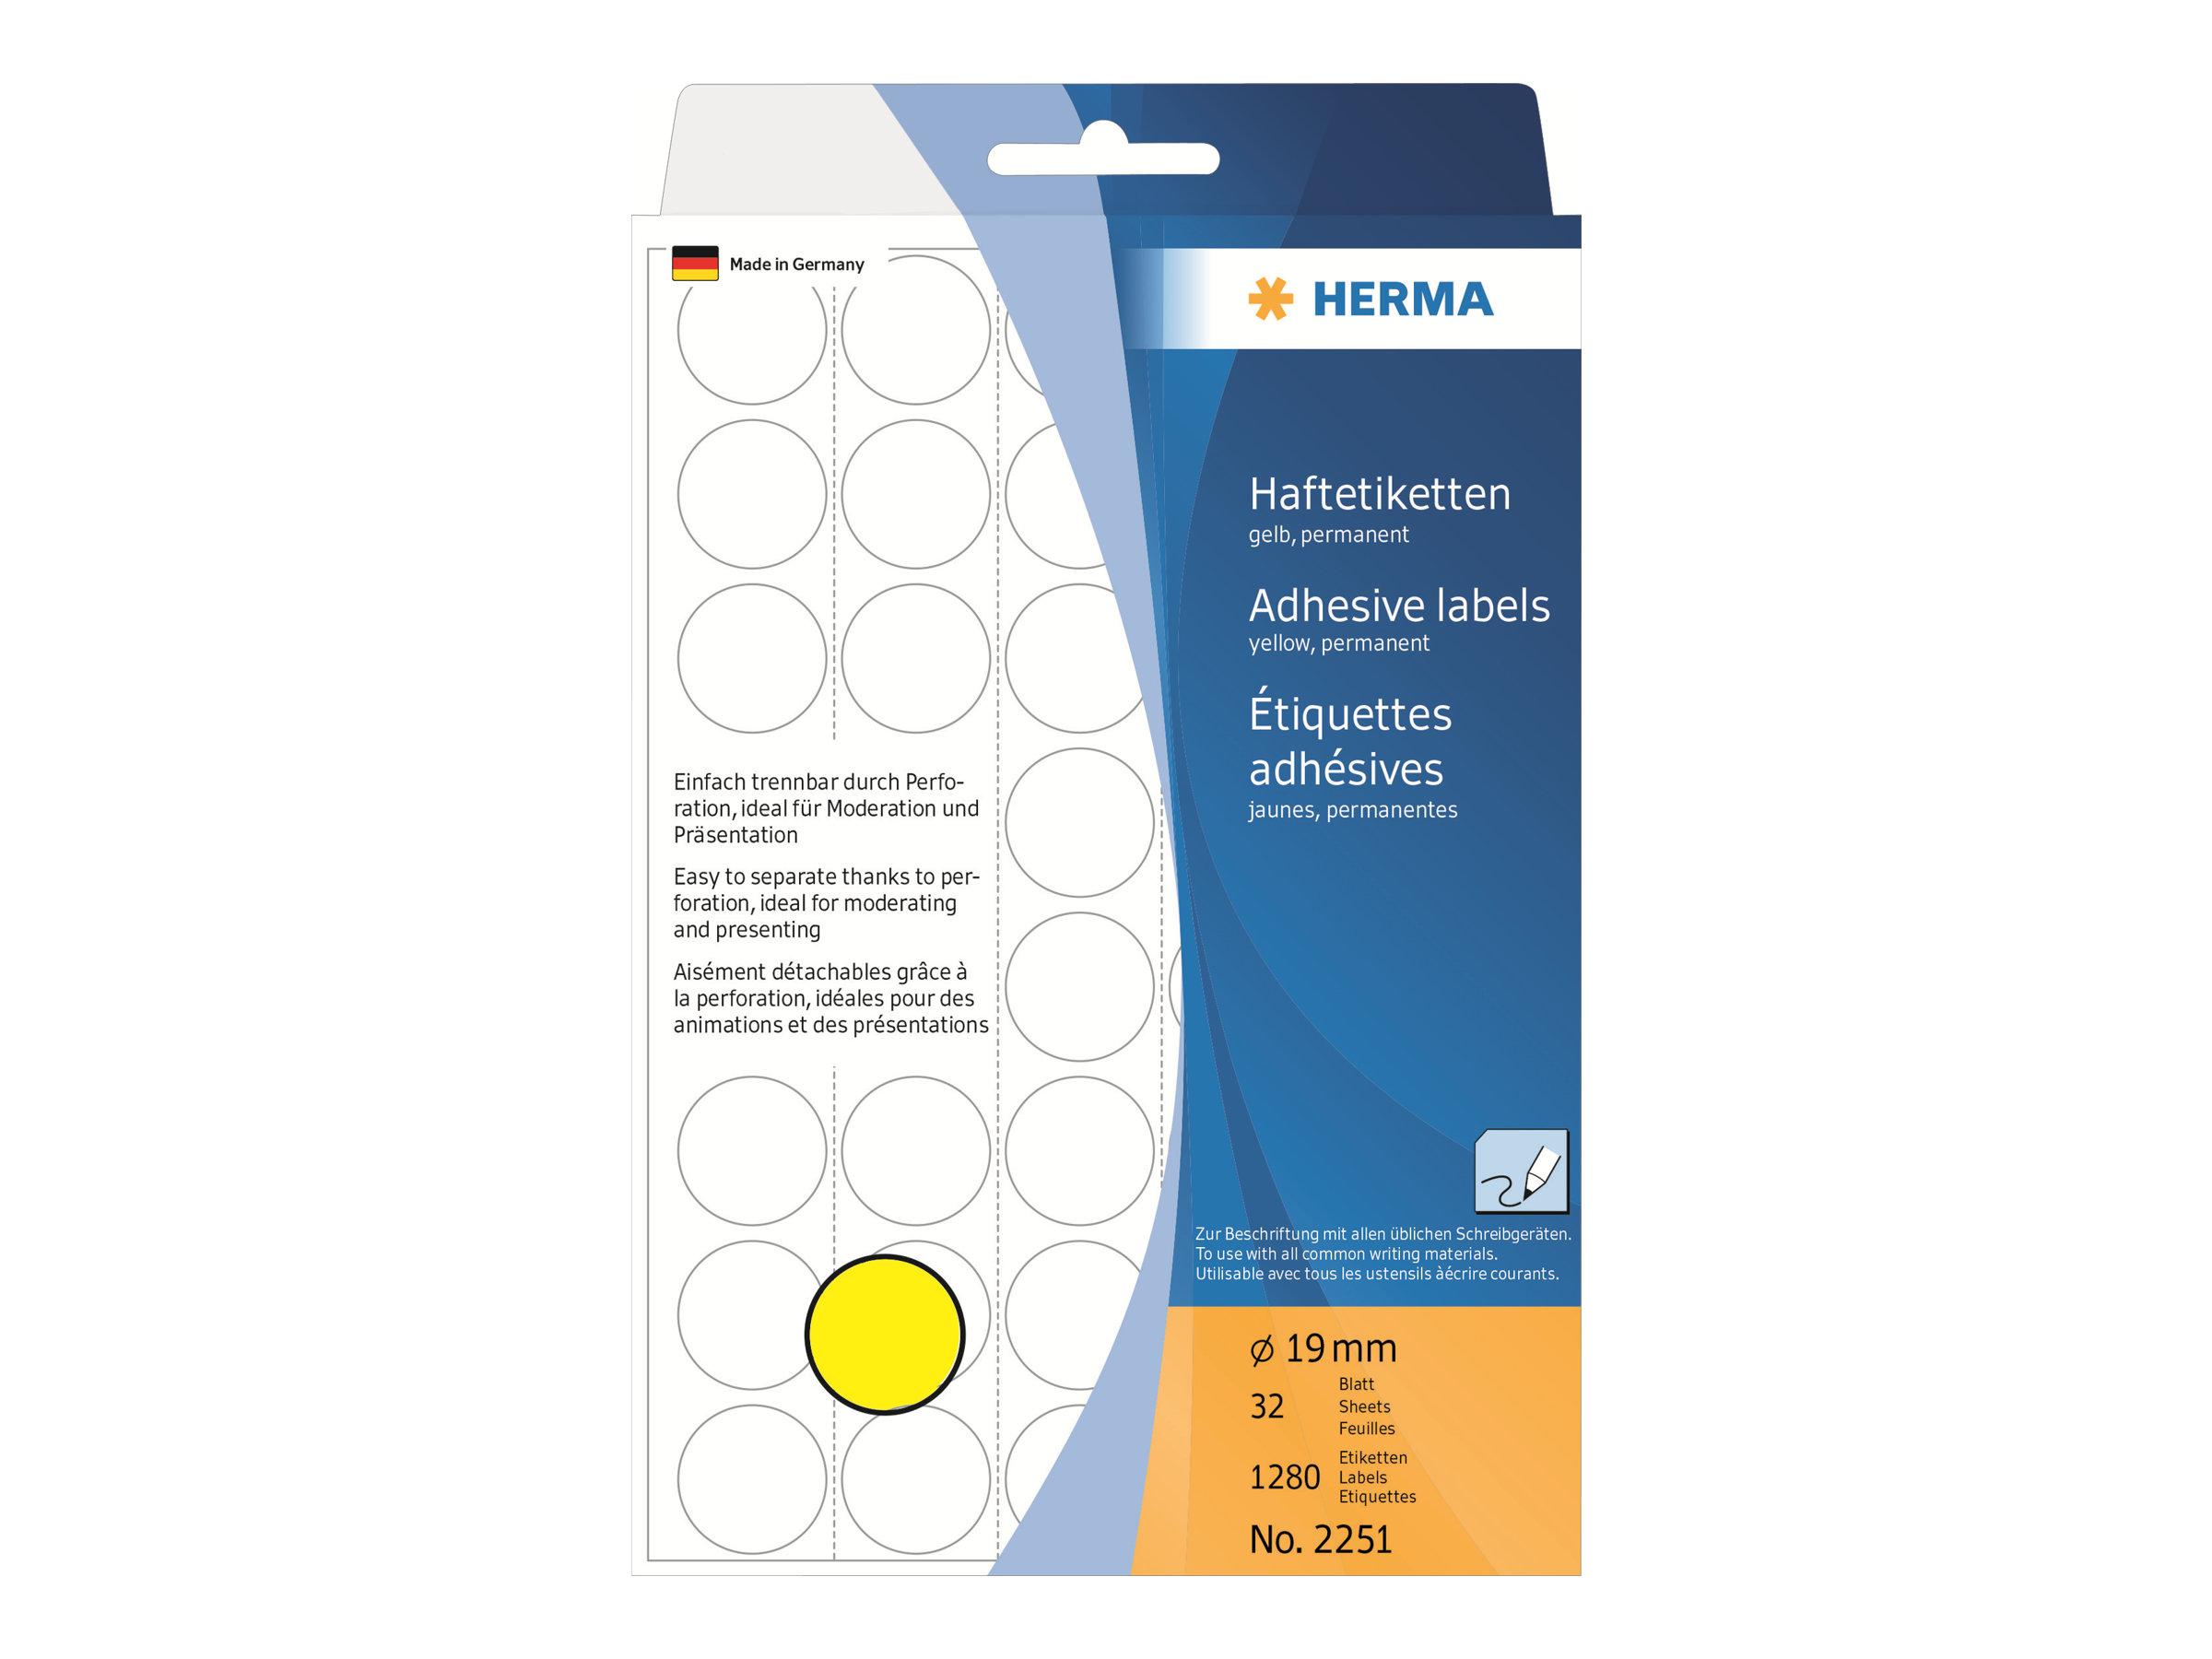 HERMA Papier - matt - permanenter Klebstoff - Gelb - 19 mm rund 1280 Etikett(en) (32 Bogen x 40)